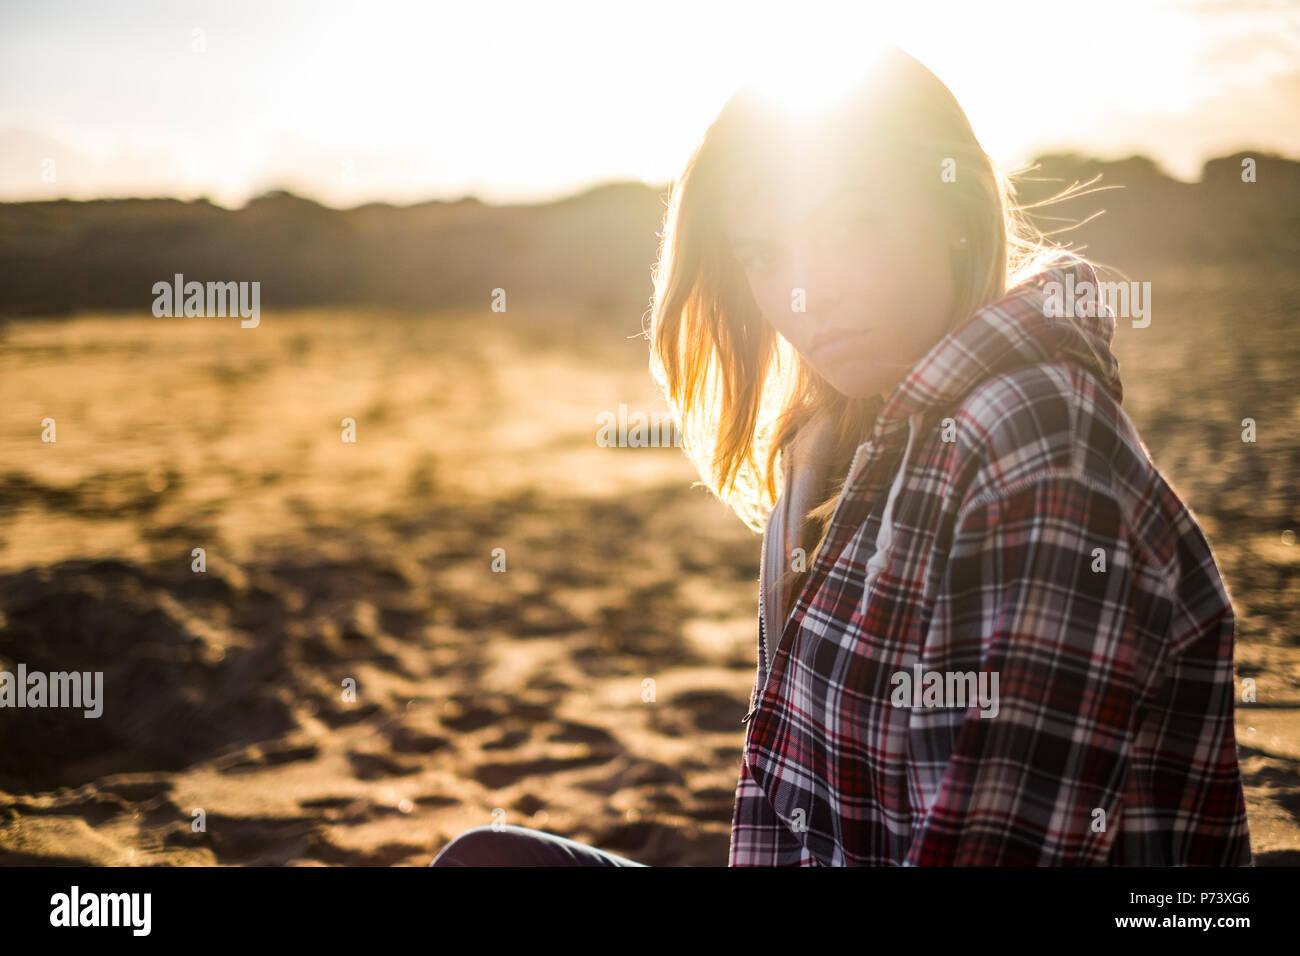 Super belle lumière dorée au coucher du soleil avec une belle blonde personnes molde assis à la plage. Locations et voyage wanderlust pour active fille look Photo Stock